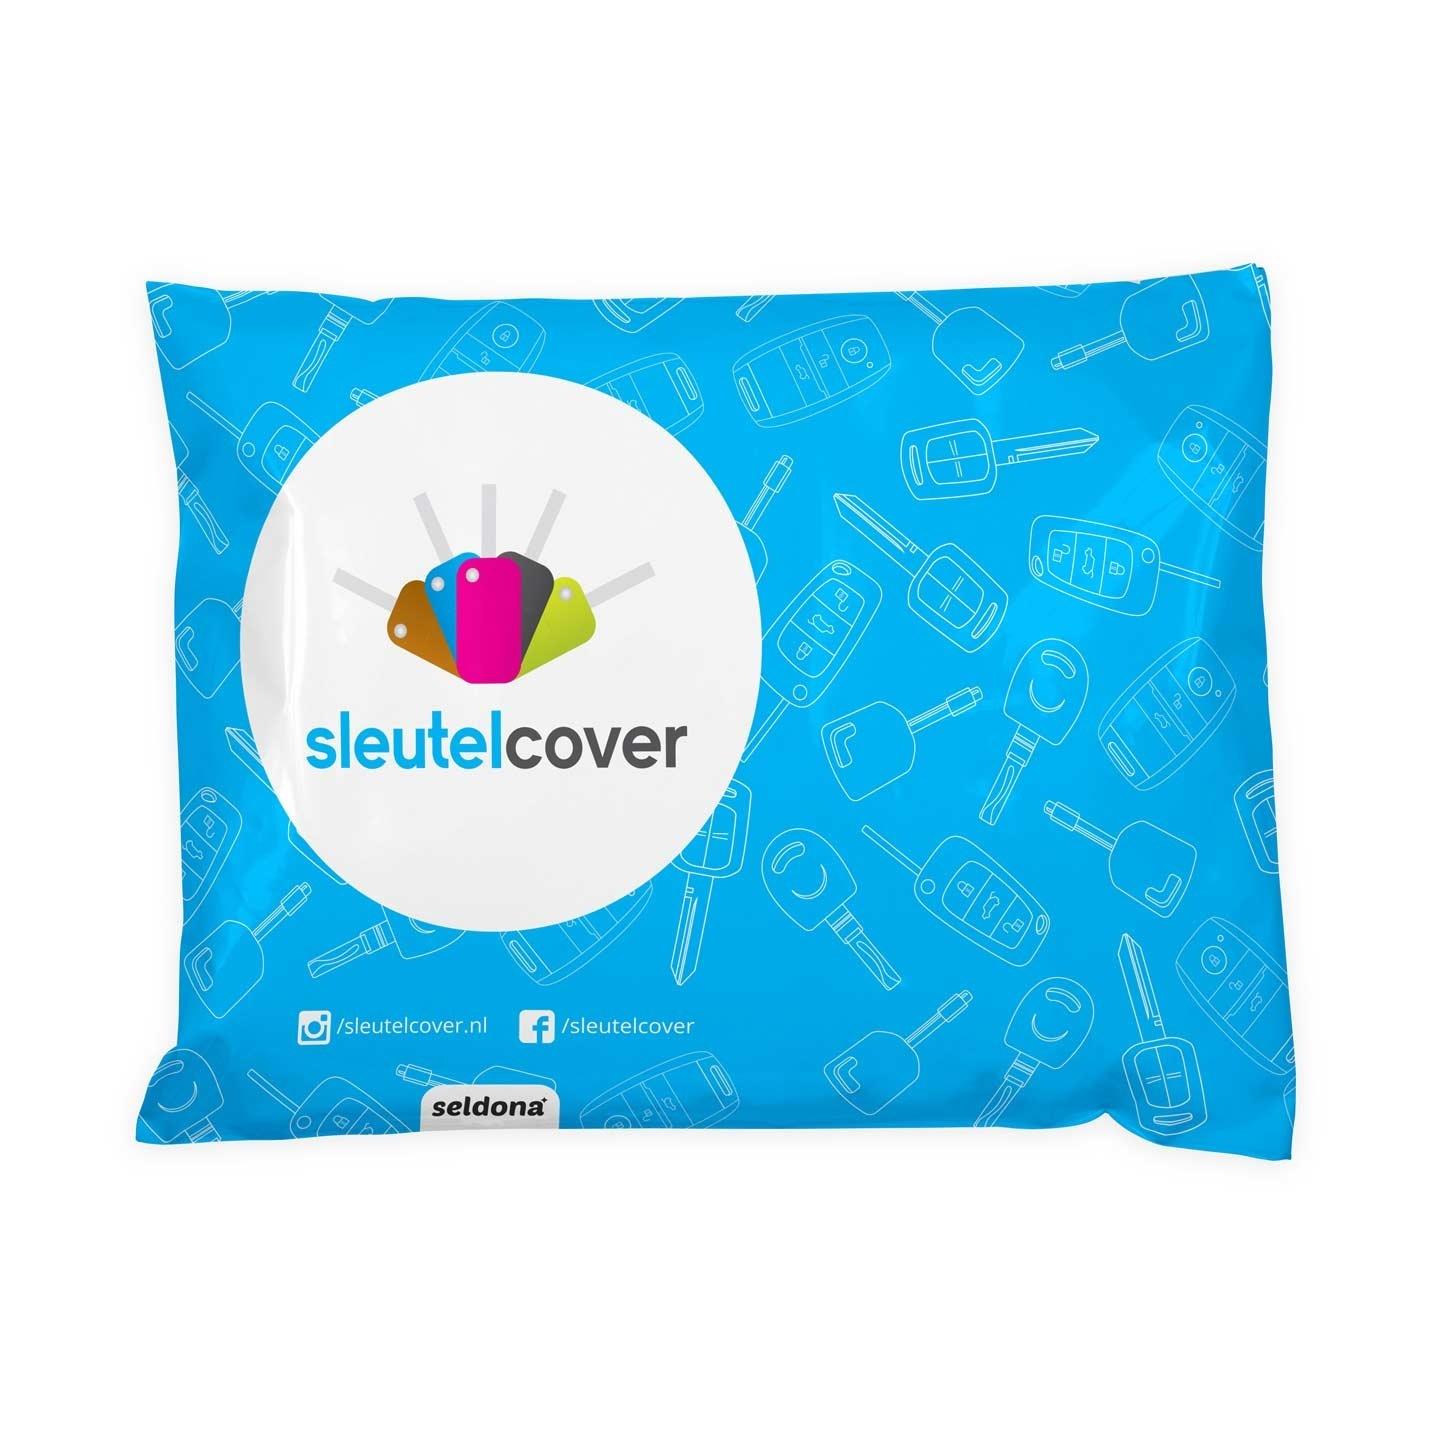 Kia SleutelCover - Wit / Silicone sleutelhoesje / beschermhoesje autosleutel